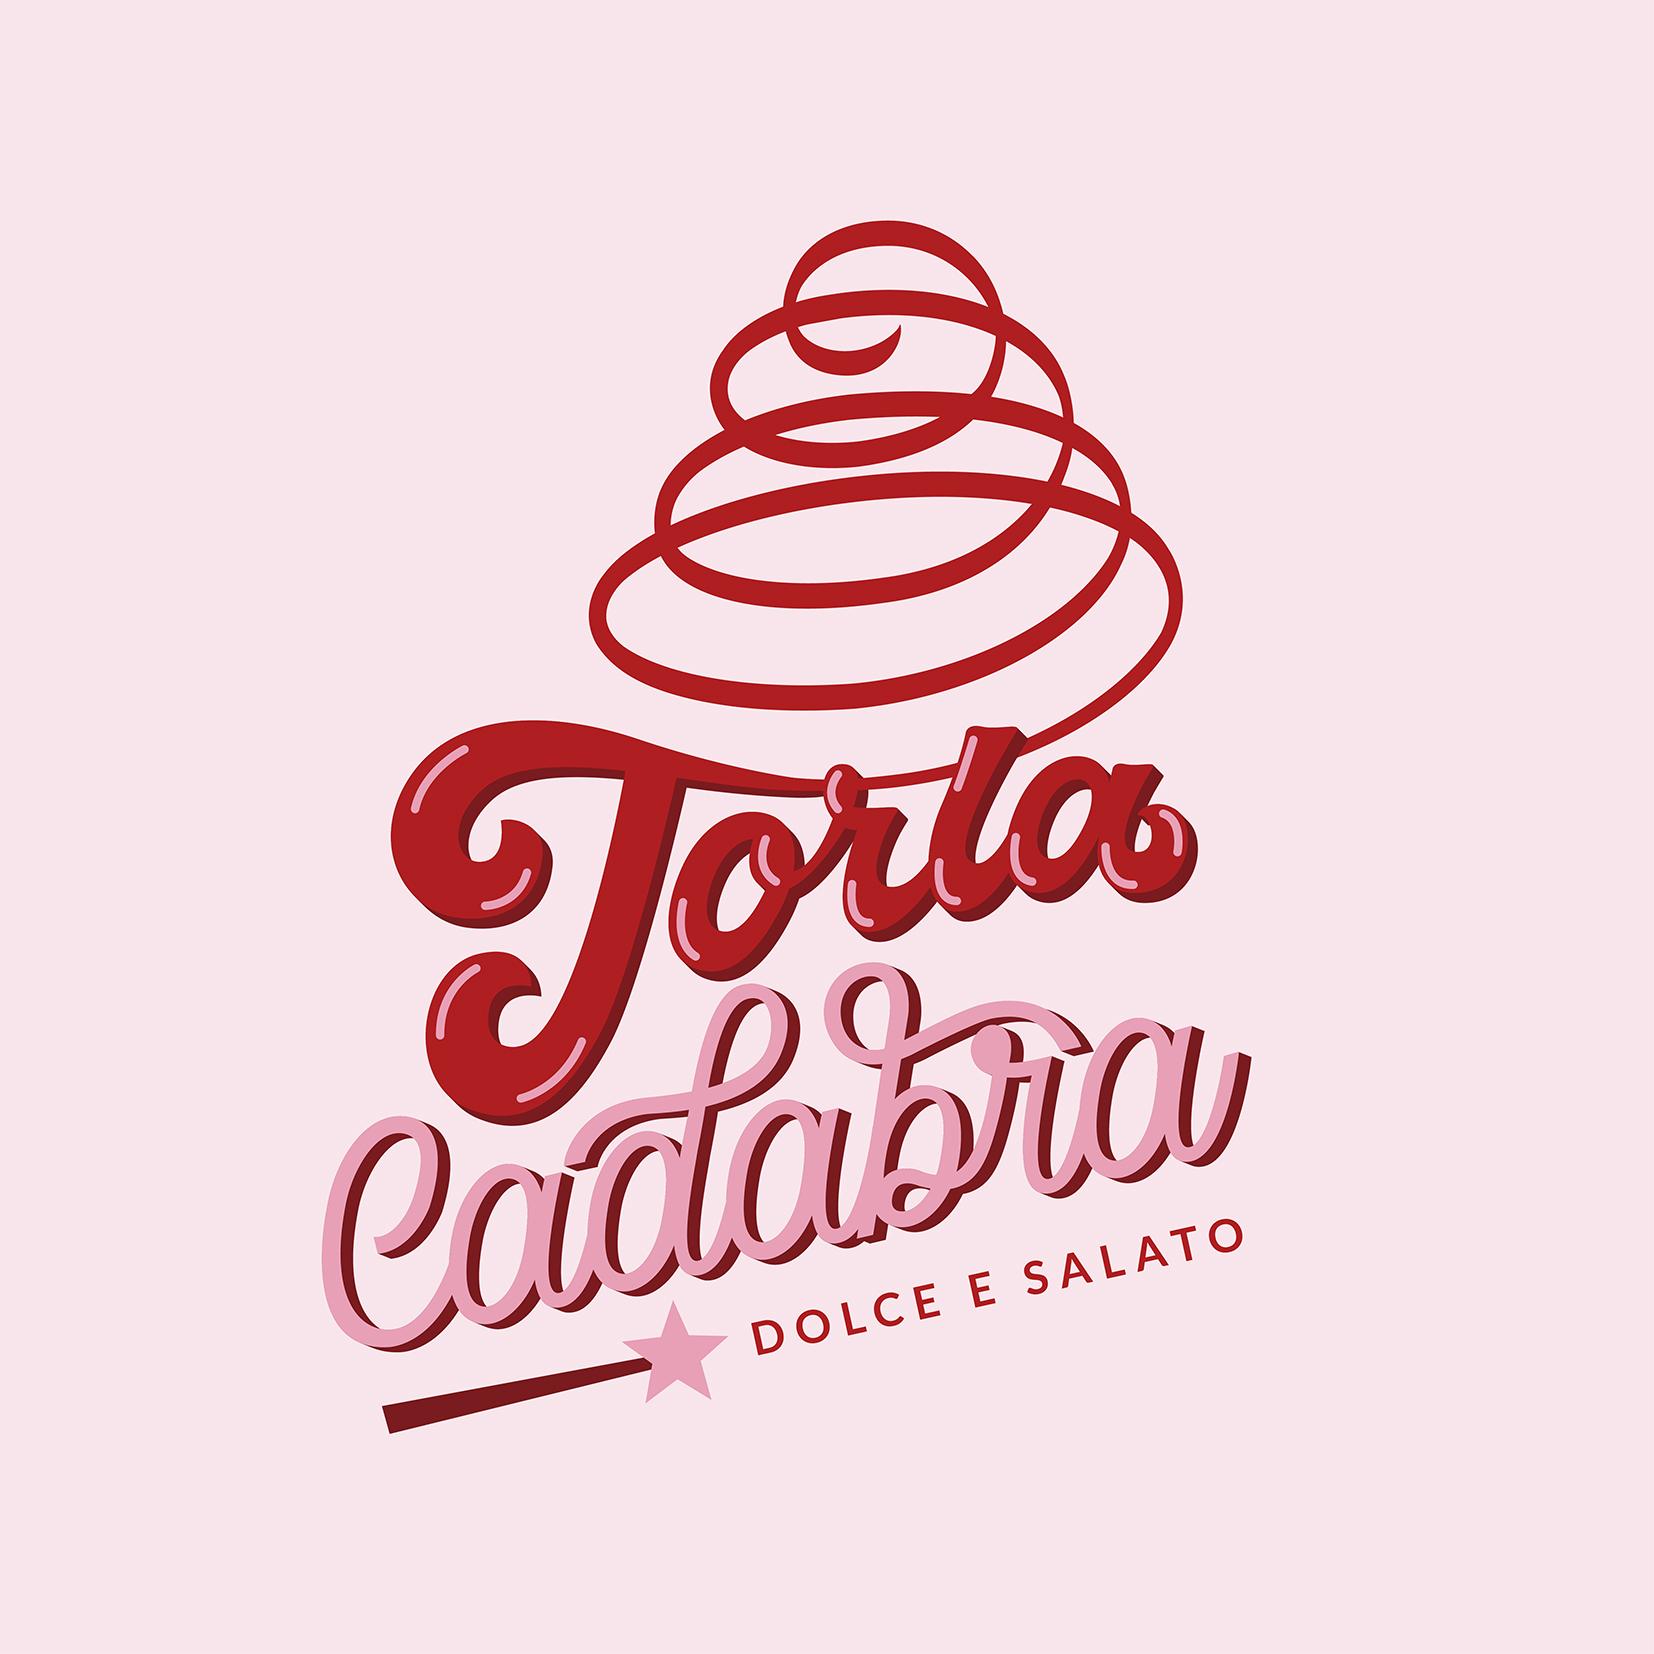 Tortacadabra